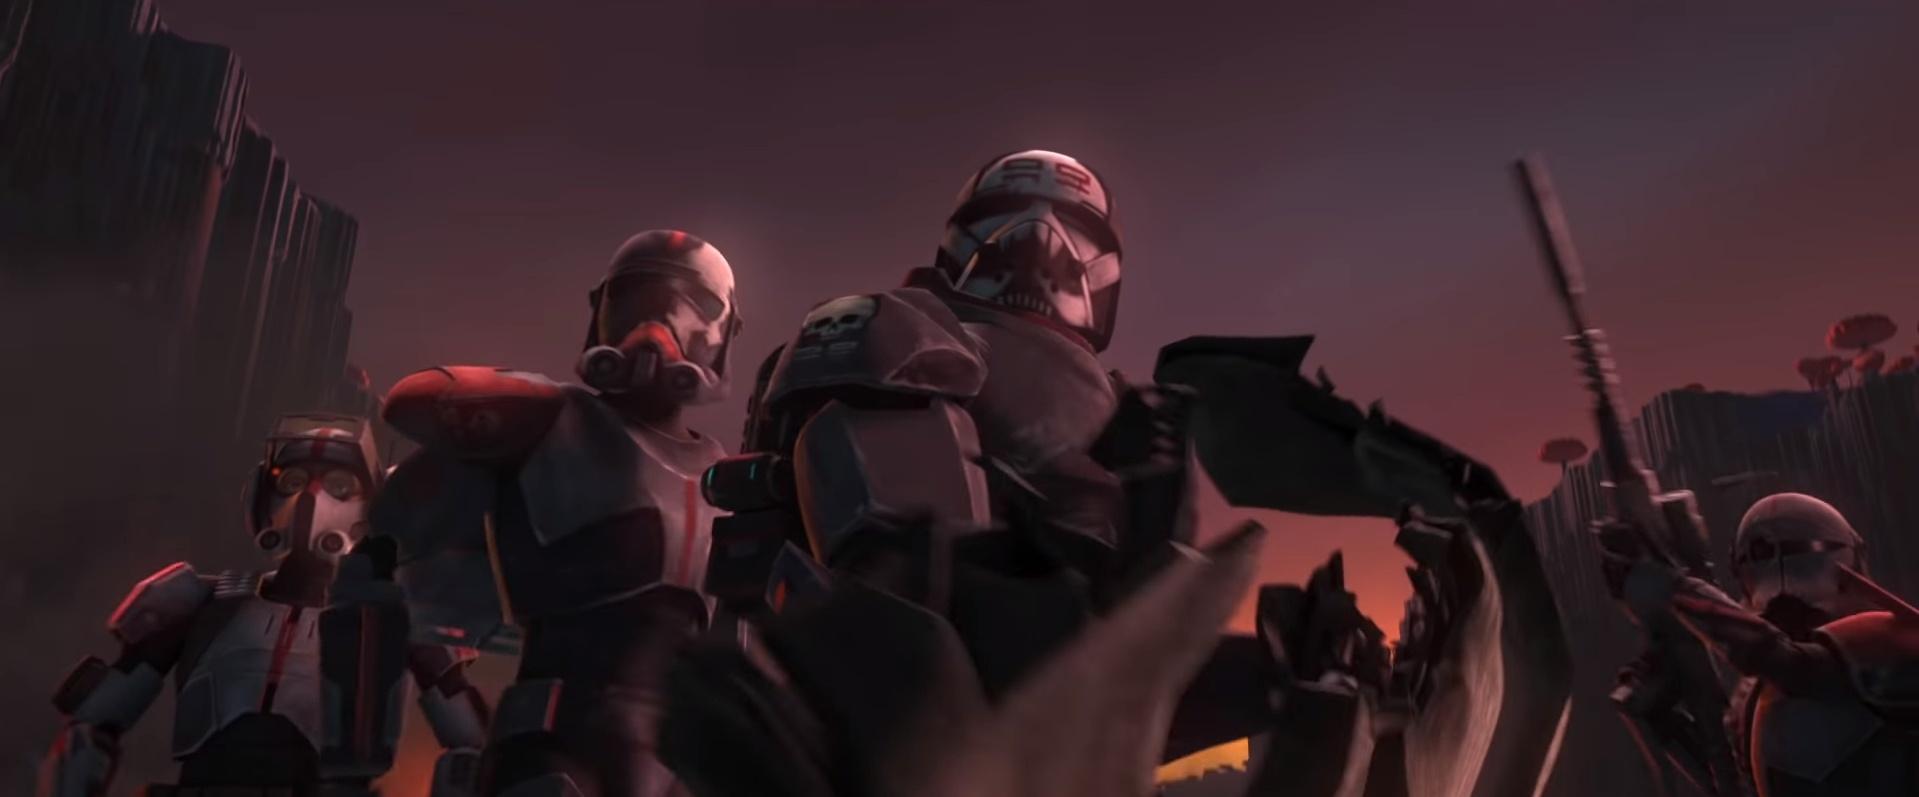 Новый трейлер финального сезона «Войн клонов» посвящён99 отряду